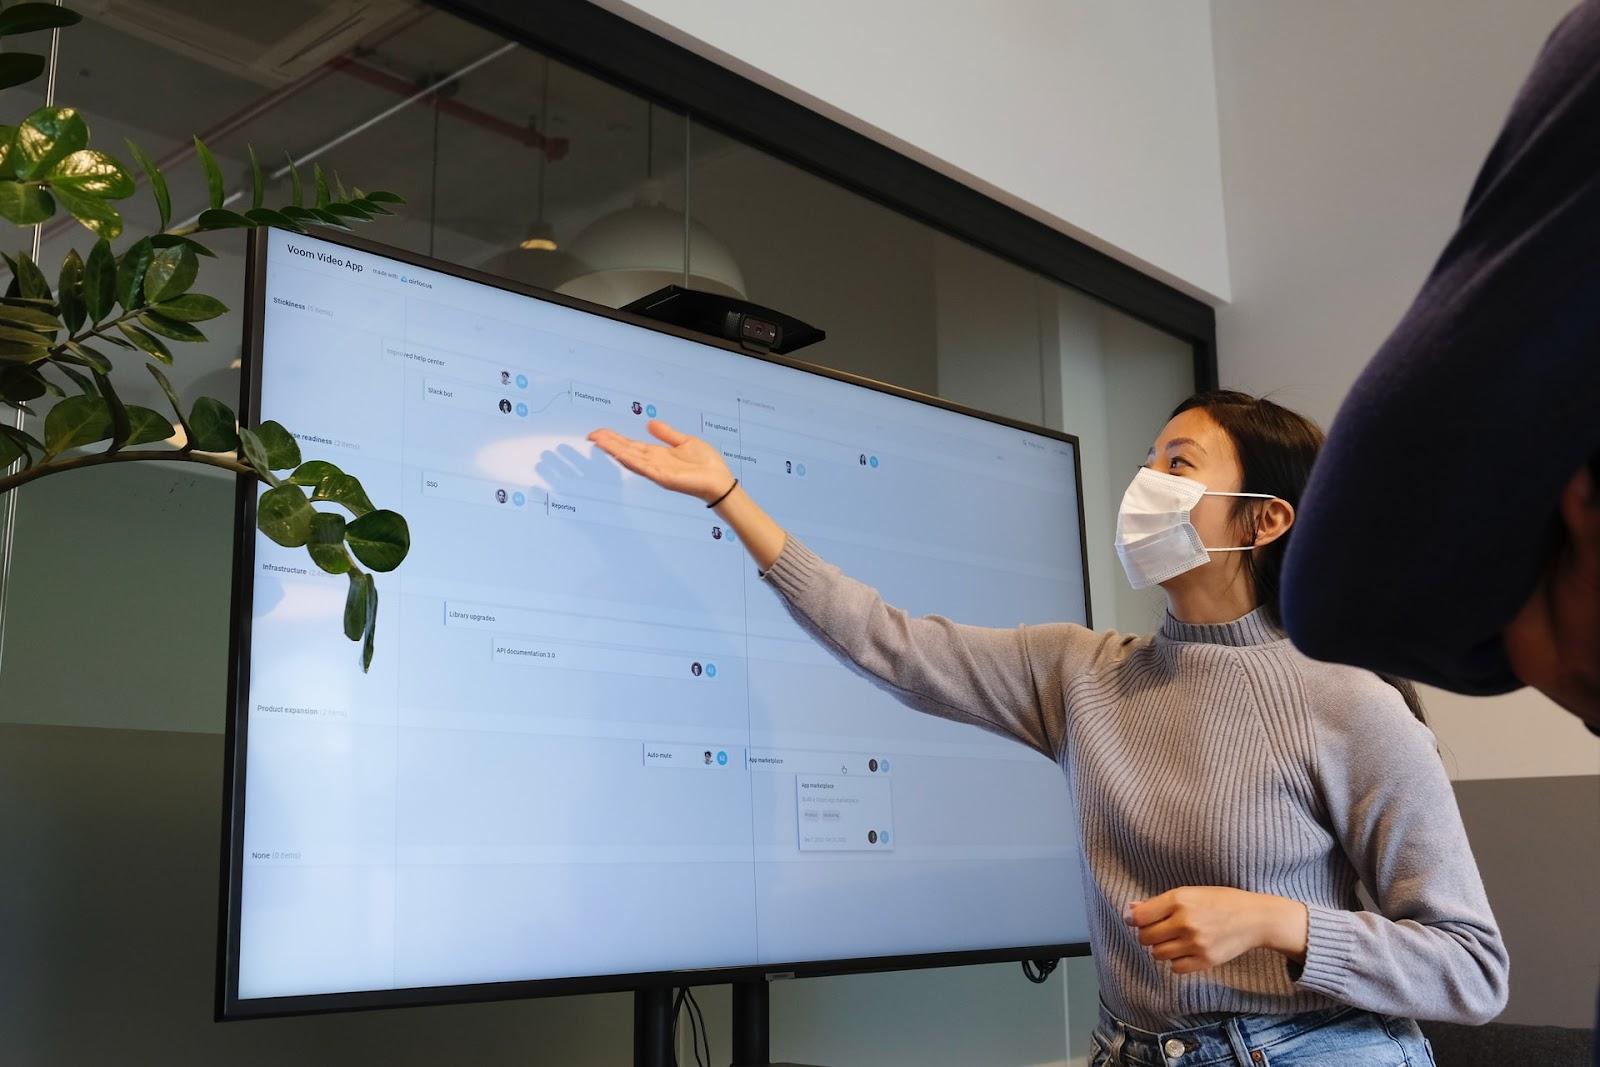 A licenciatura prepara em vários aspectos do ensino, como metodologias e uso de tecnologia nas aulas (Imagem: Airfocus/Unsplash)